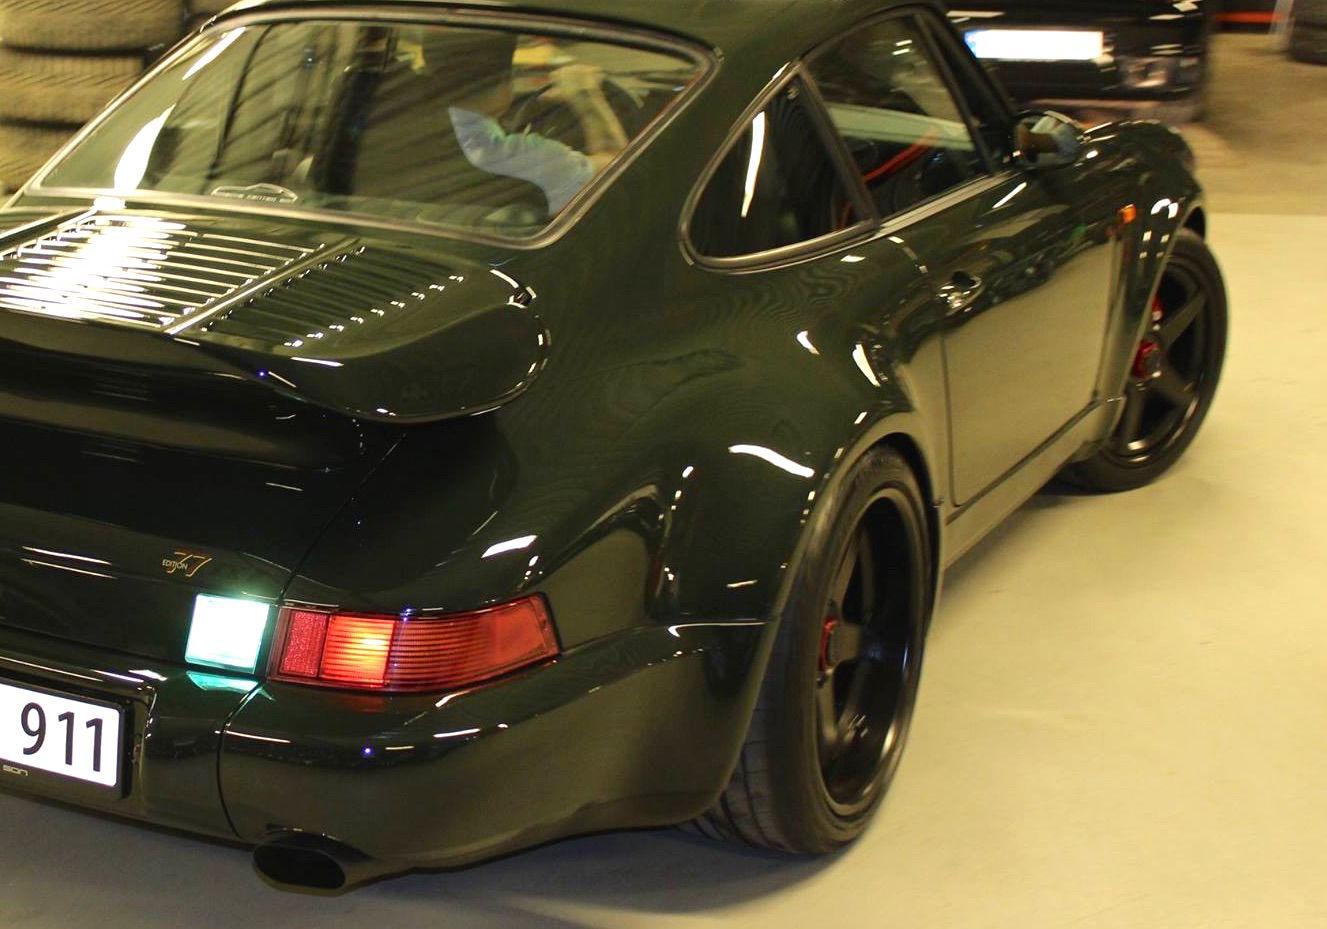 1992 Porsche 964 | Porsche Center RUF Porsche on CF3C Centerlock in Norway